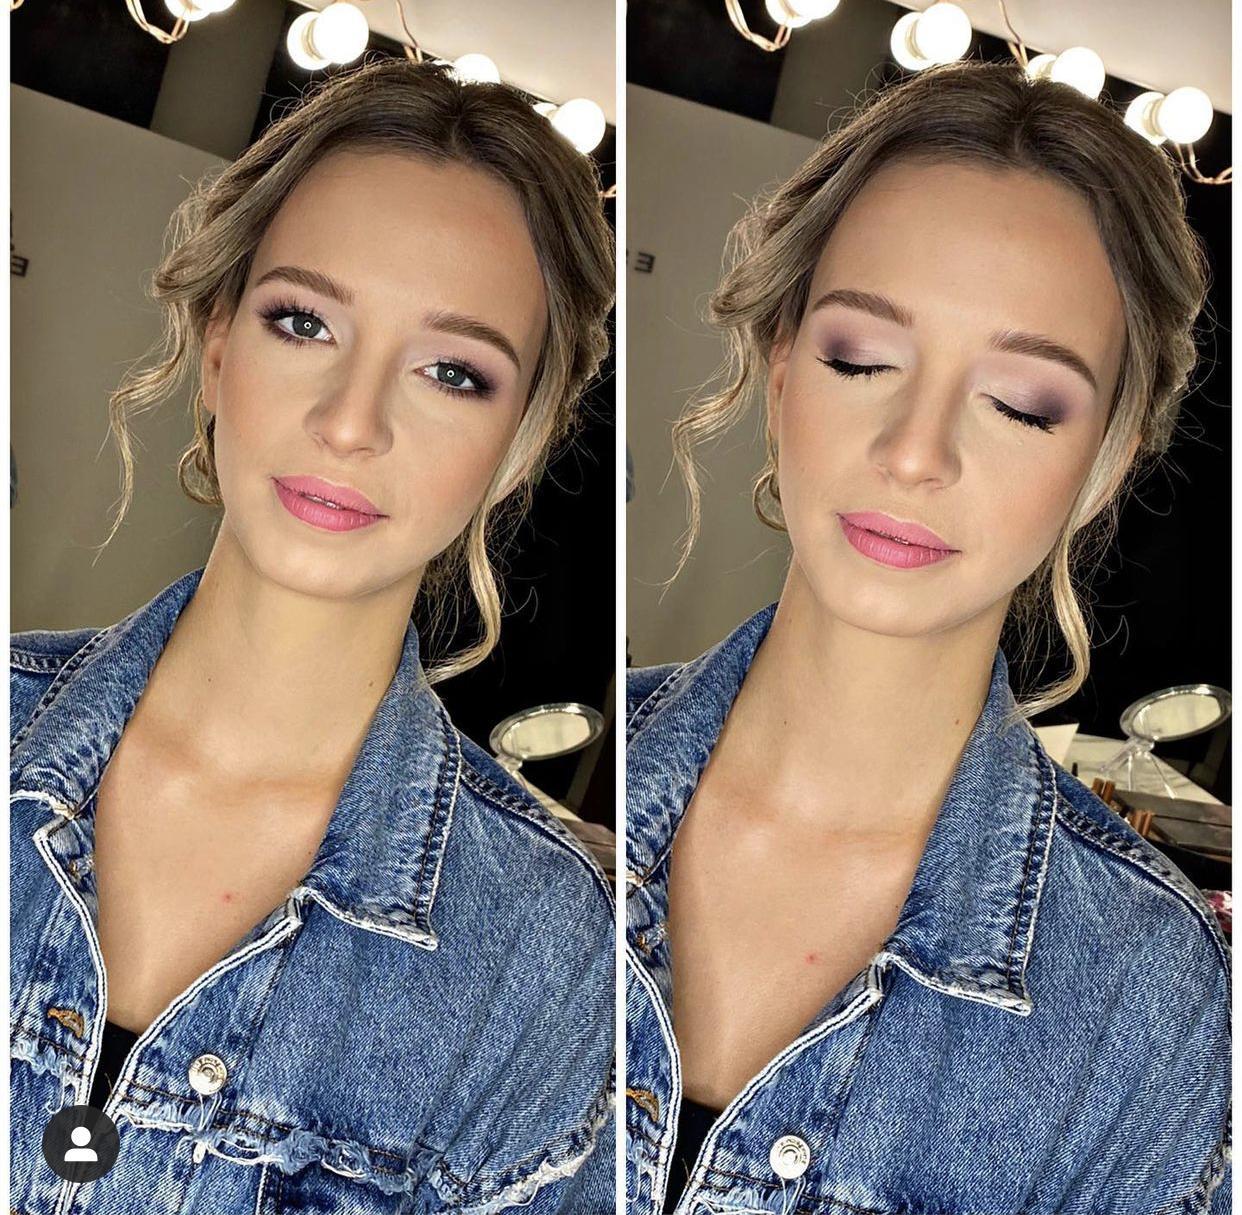 Makeup klientky ✨ - Obrázok č. 10